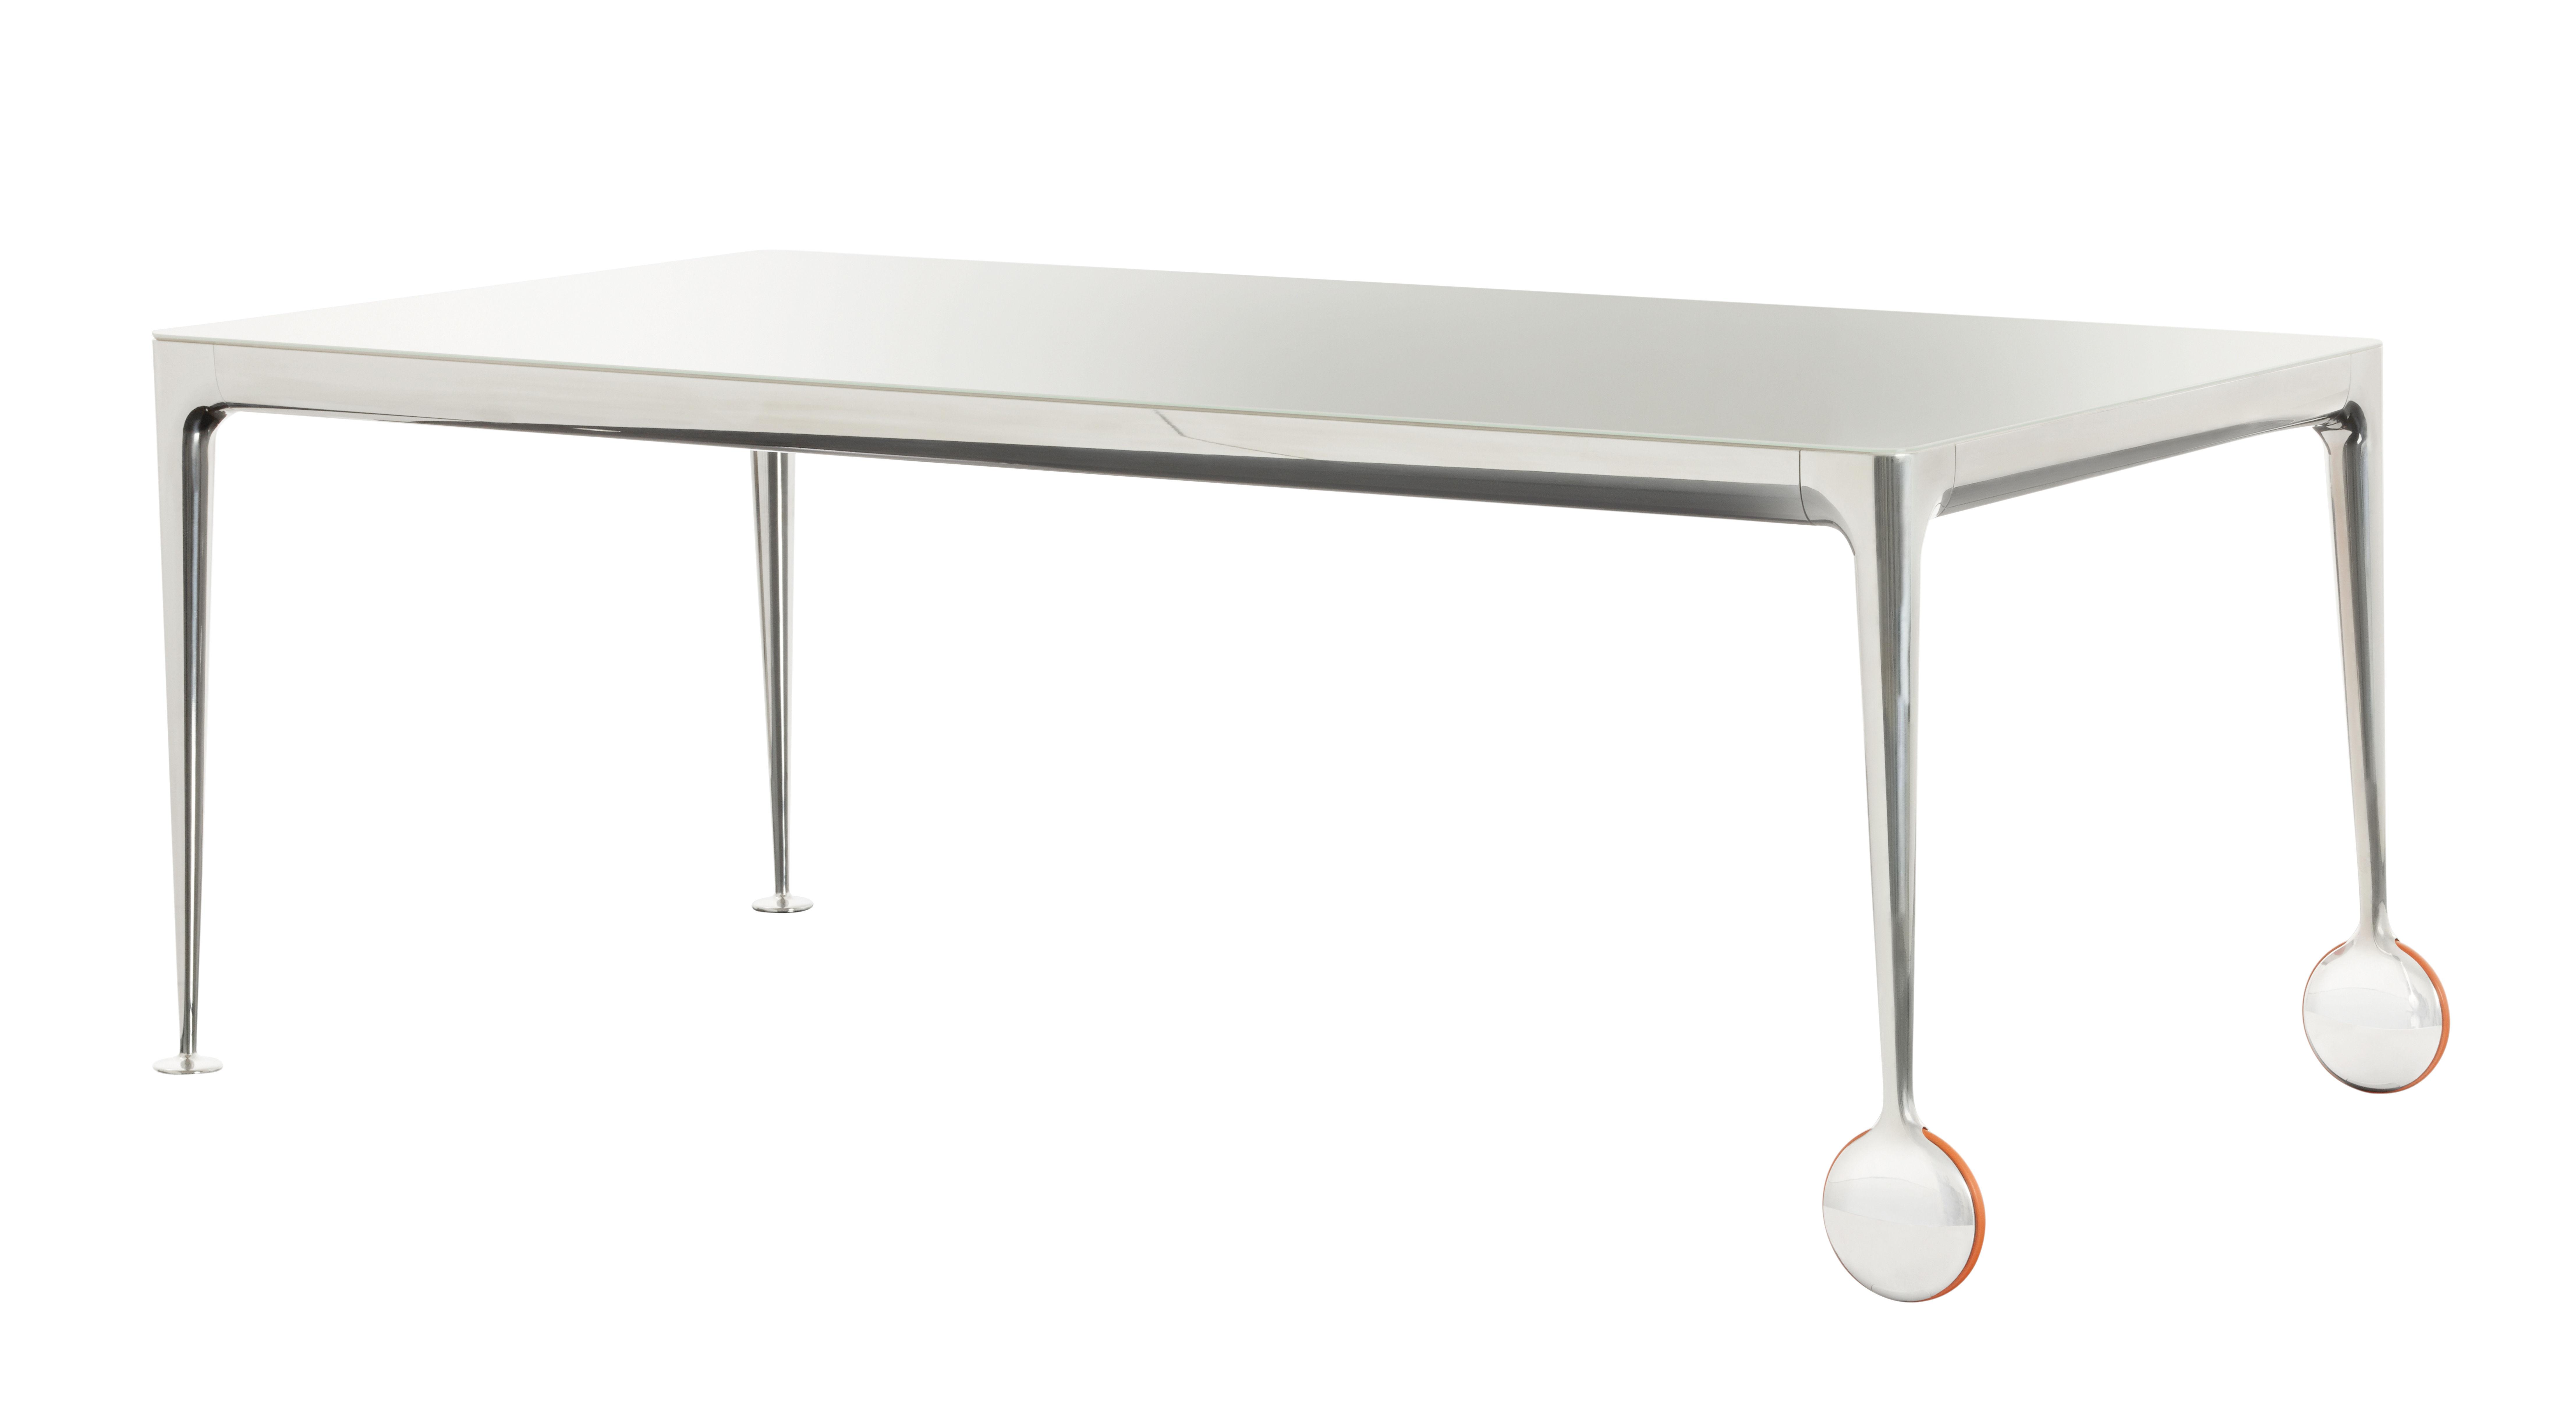 Arredamento - Tavoli - Tavolo rettangolare Big Will - / 240 x 110 cm di Magis - Piano bianco / Gambe alluminio lucidato - Ghisa di alluminio lucidato, Gomma, Vetro temprato